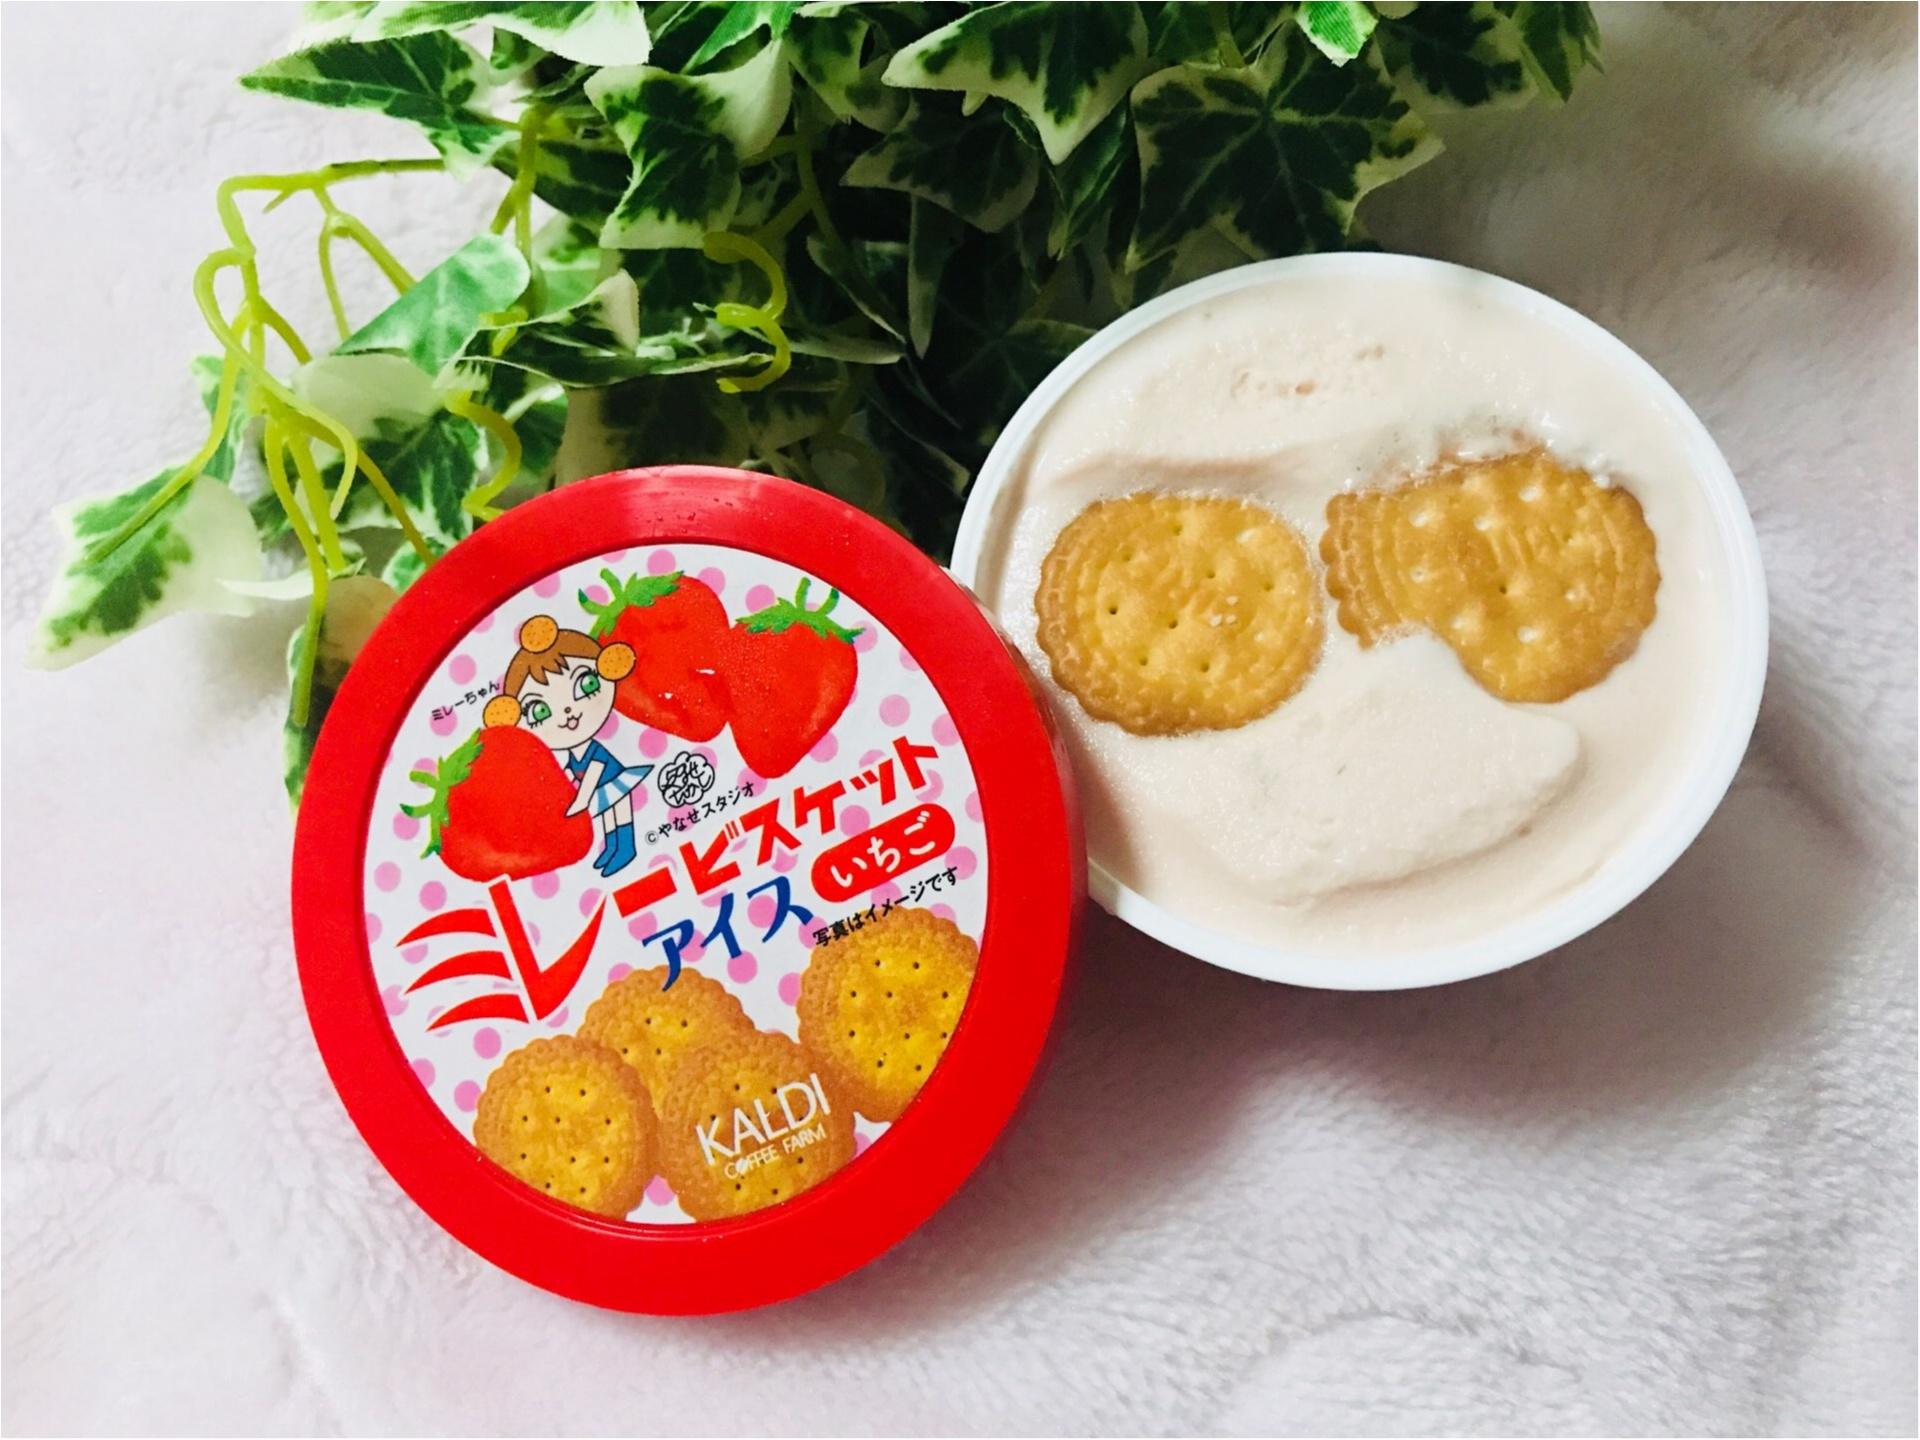 """【KALDI】あのご当地菓子《ミレービスケット》がアイスになっちゃった!カルディ限定で""""いちご味""""が新登場❤︎パッケージがレトロ可愛い♡♡_2"""